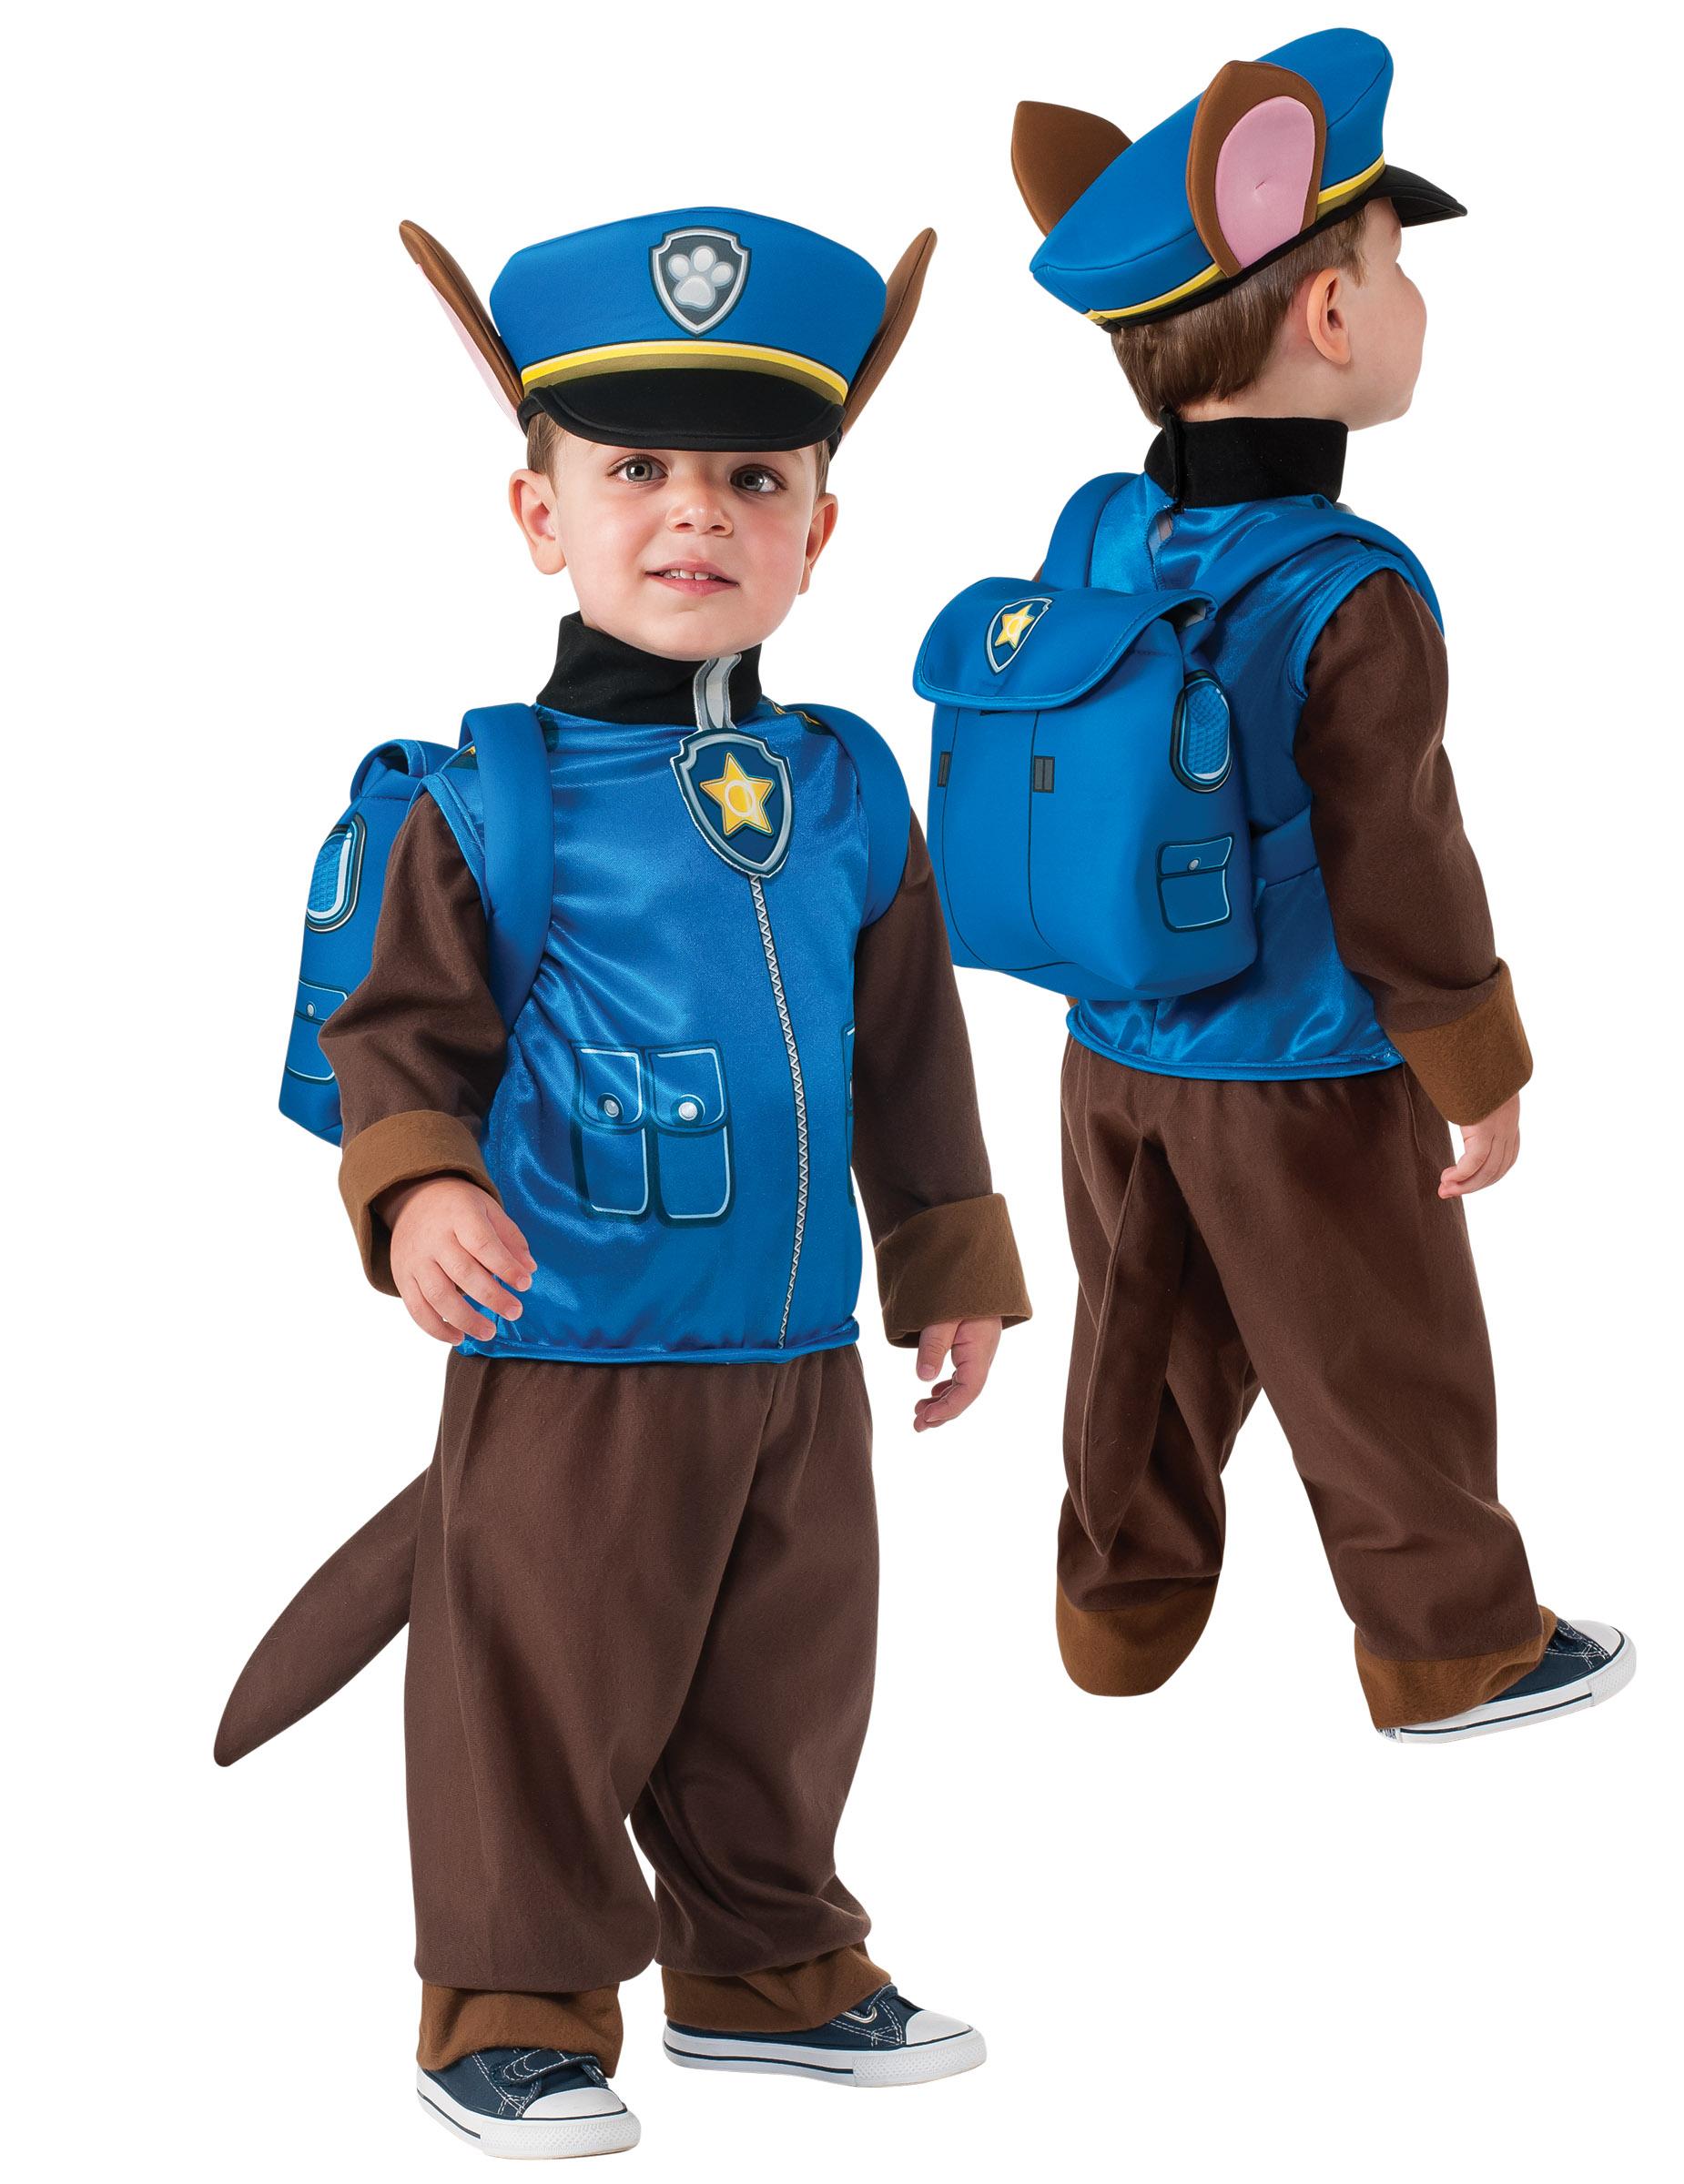 d guisement enfant policier chase pat 39 patrouille deguise toi achat de d guisements enfants. Black Bedroom Furniture Sets. Home Design Ideas